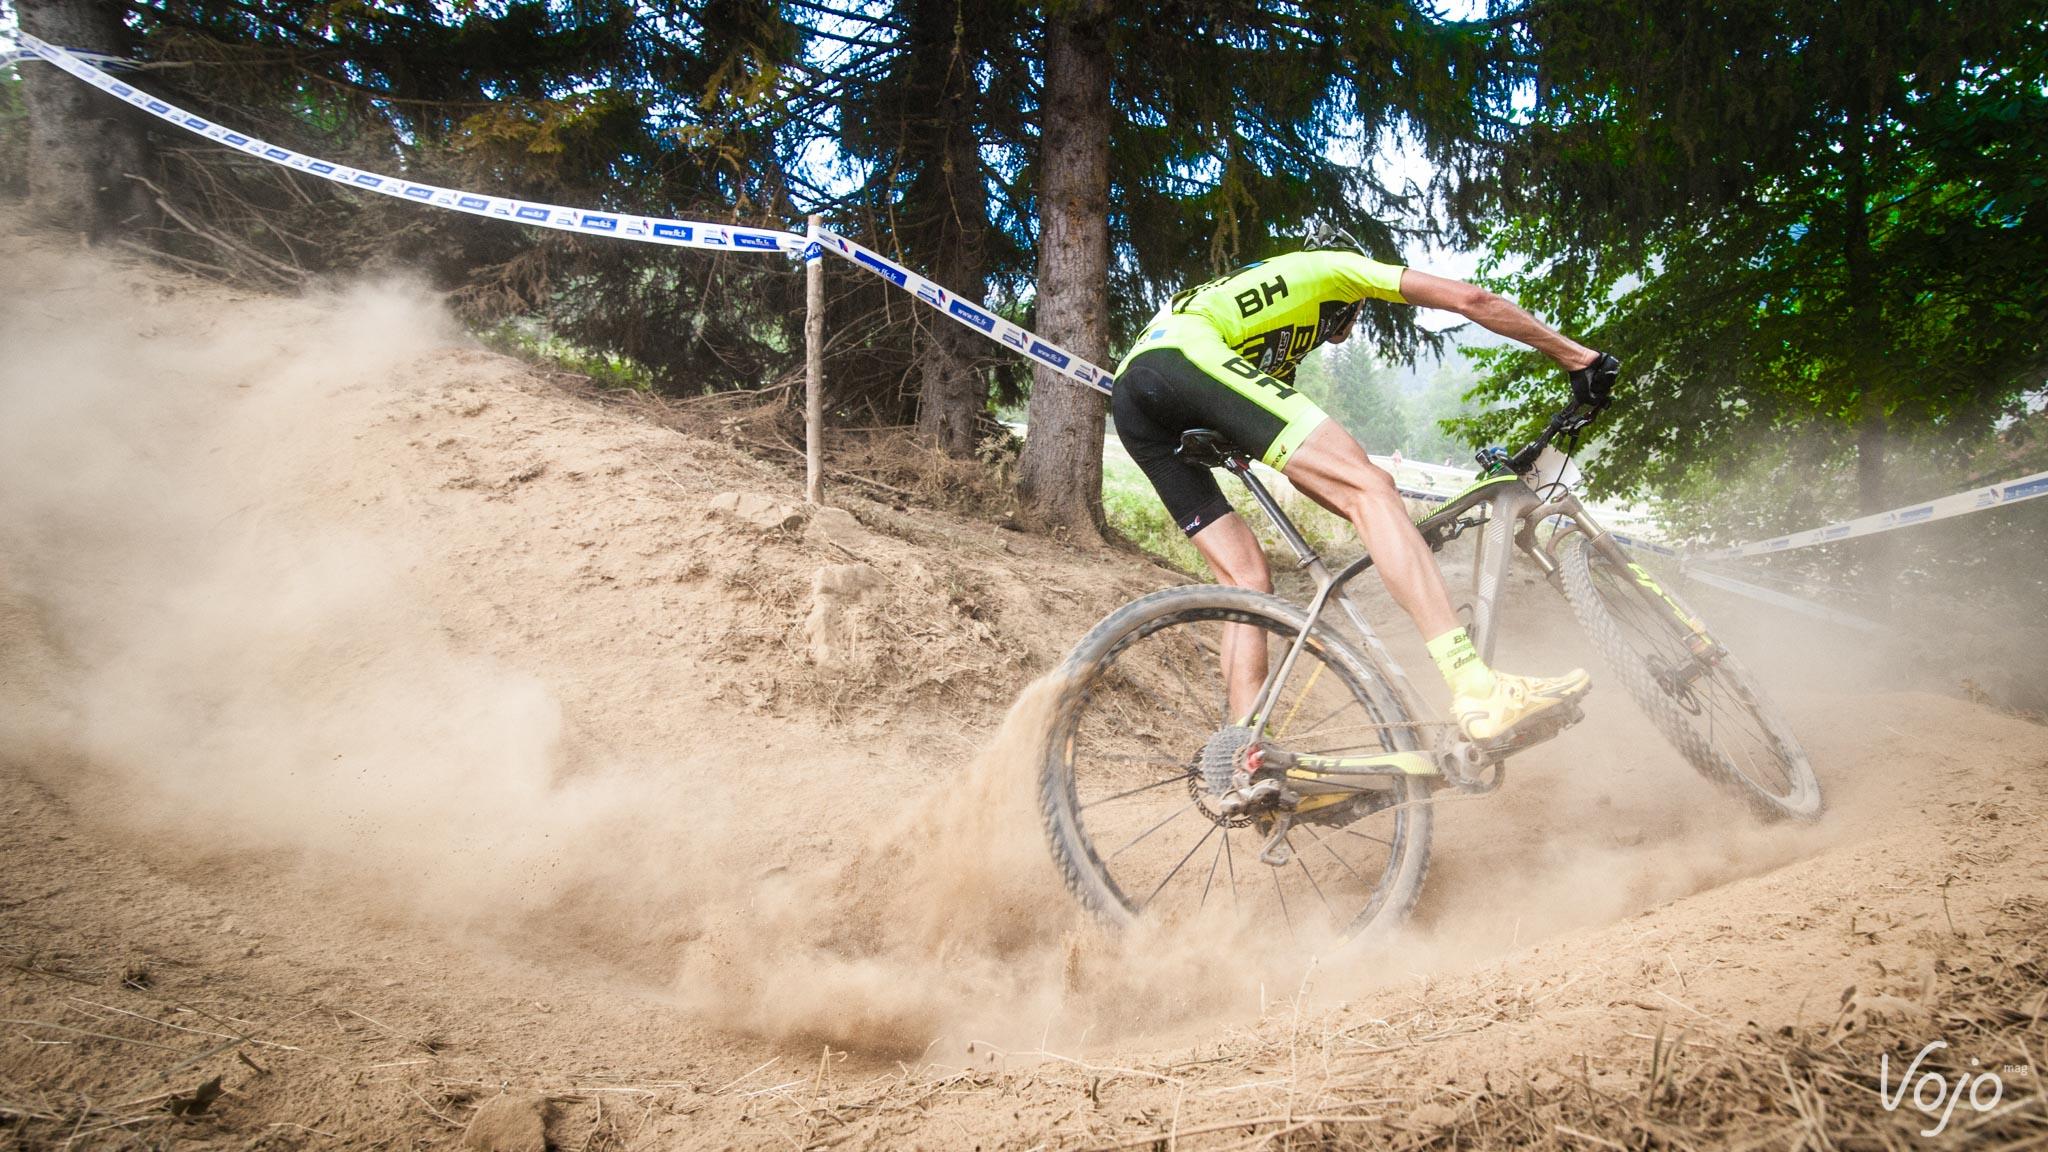 Championnats-de-france-2015-Oz-XC-Espoirs-finale-21